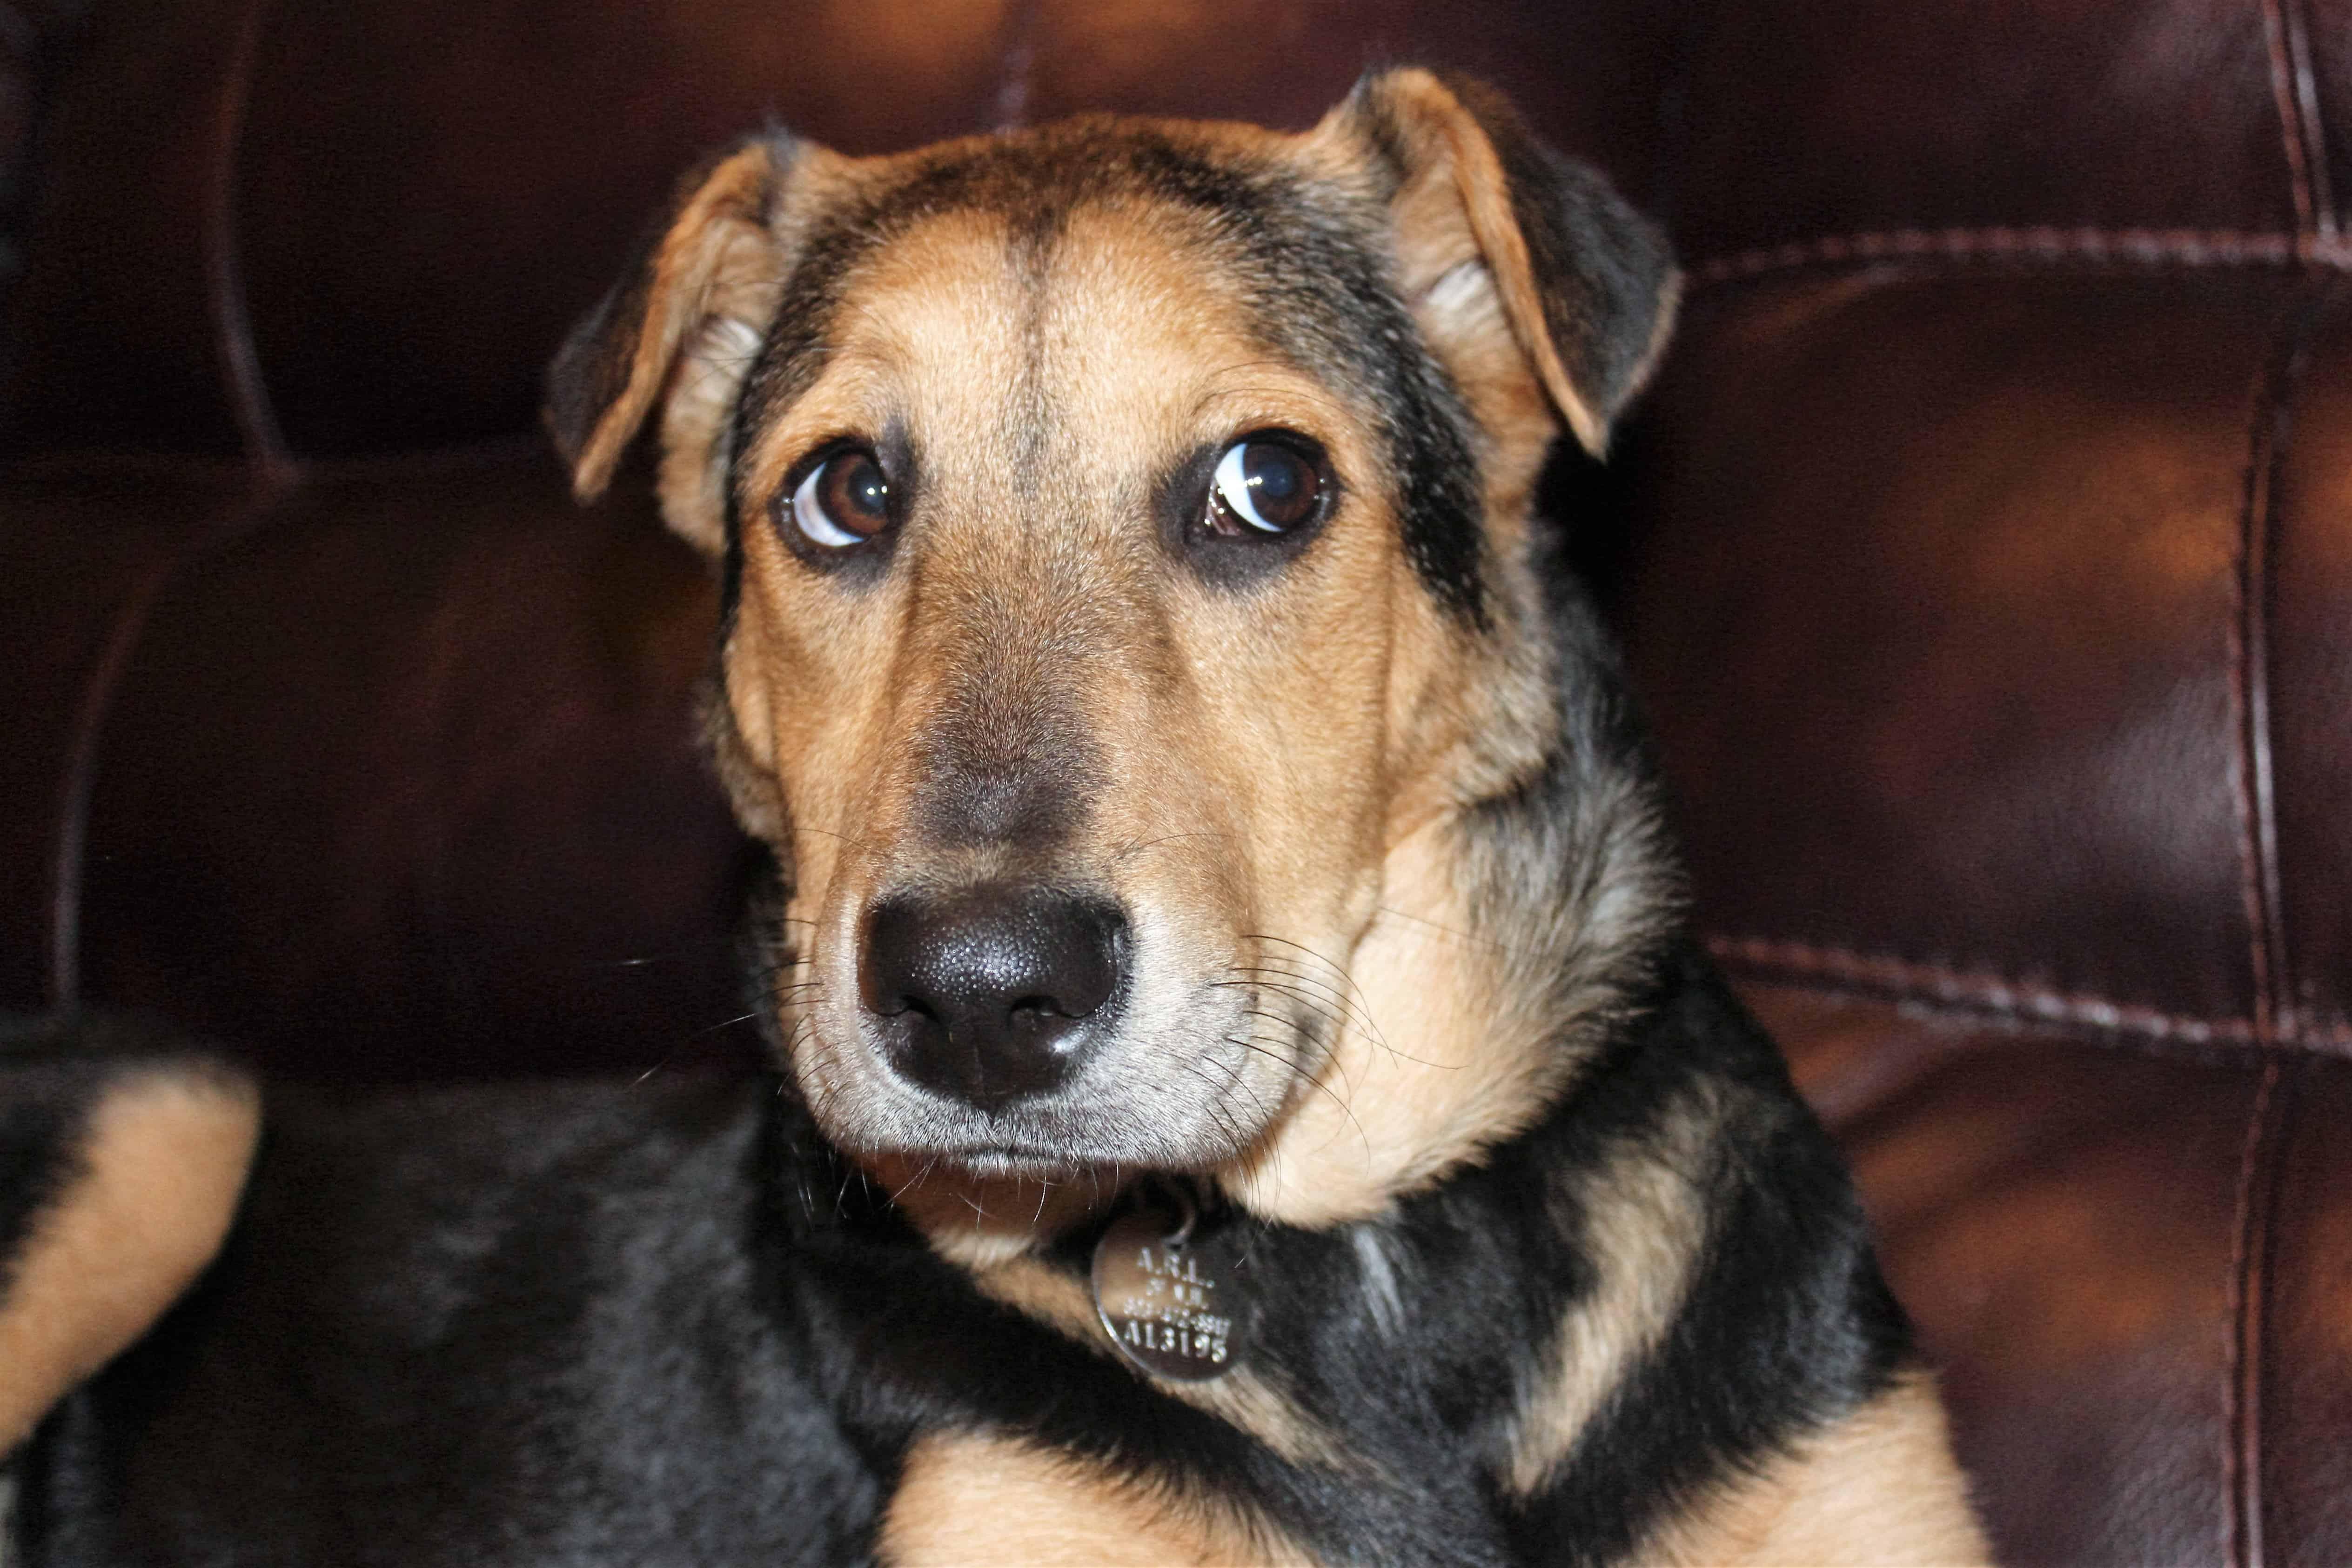 puppy-dog-mammal-vertebrate-dog-breed-animal-shelter-1270114-pxhere.com_